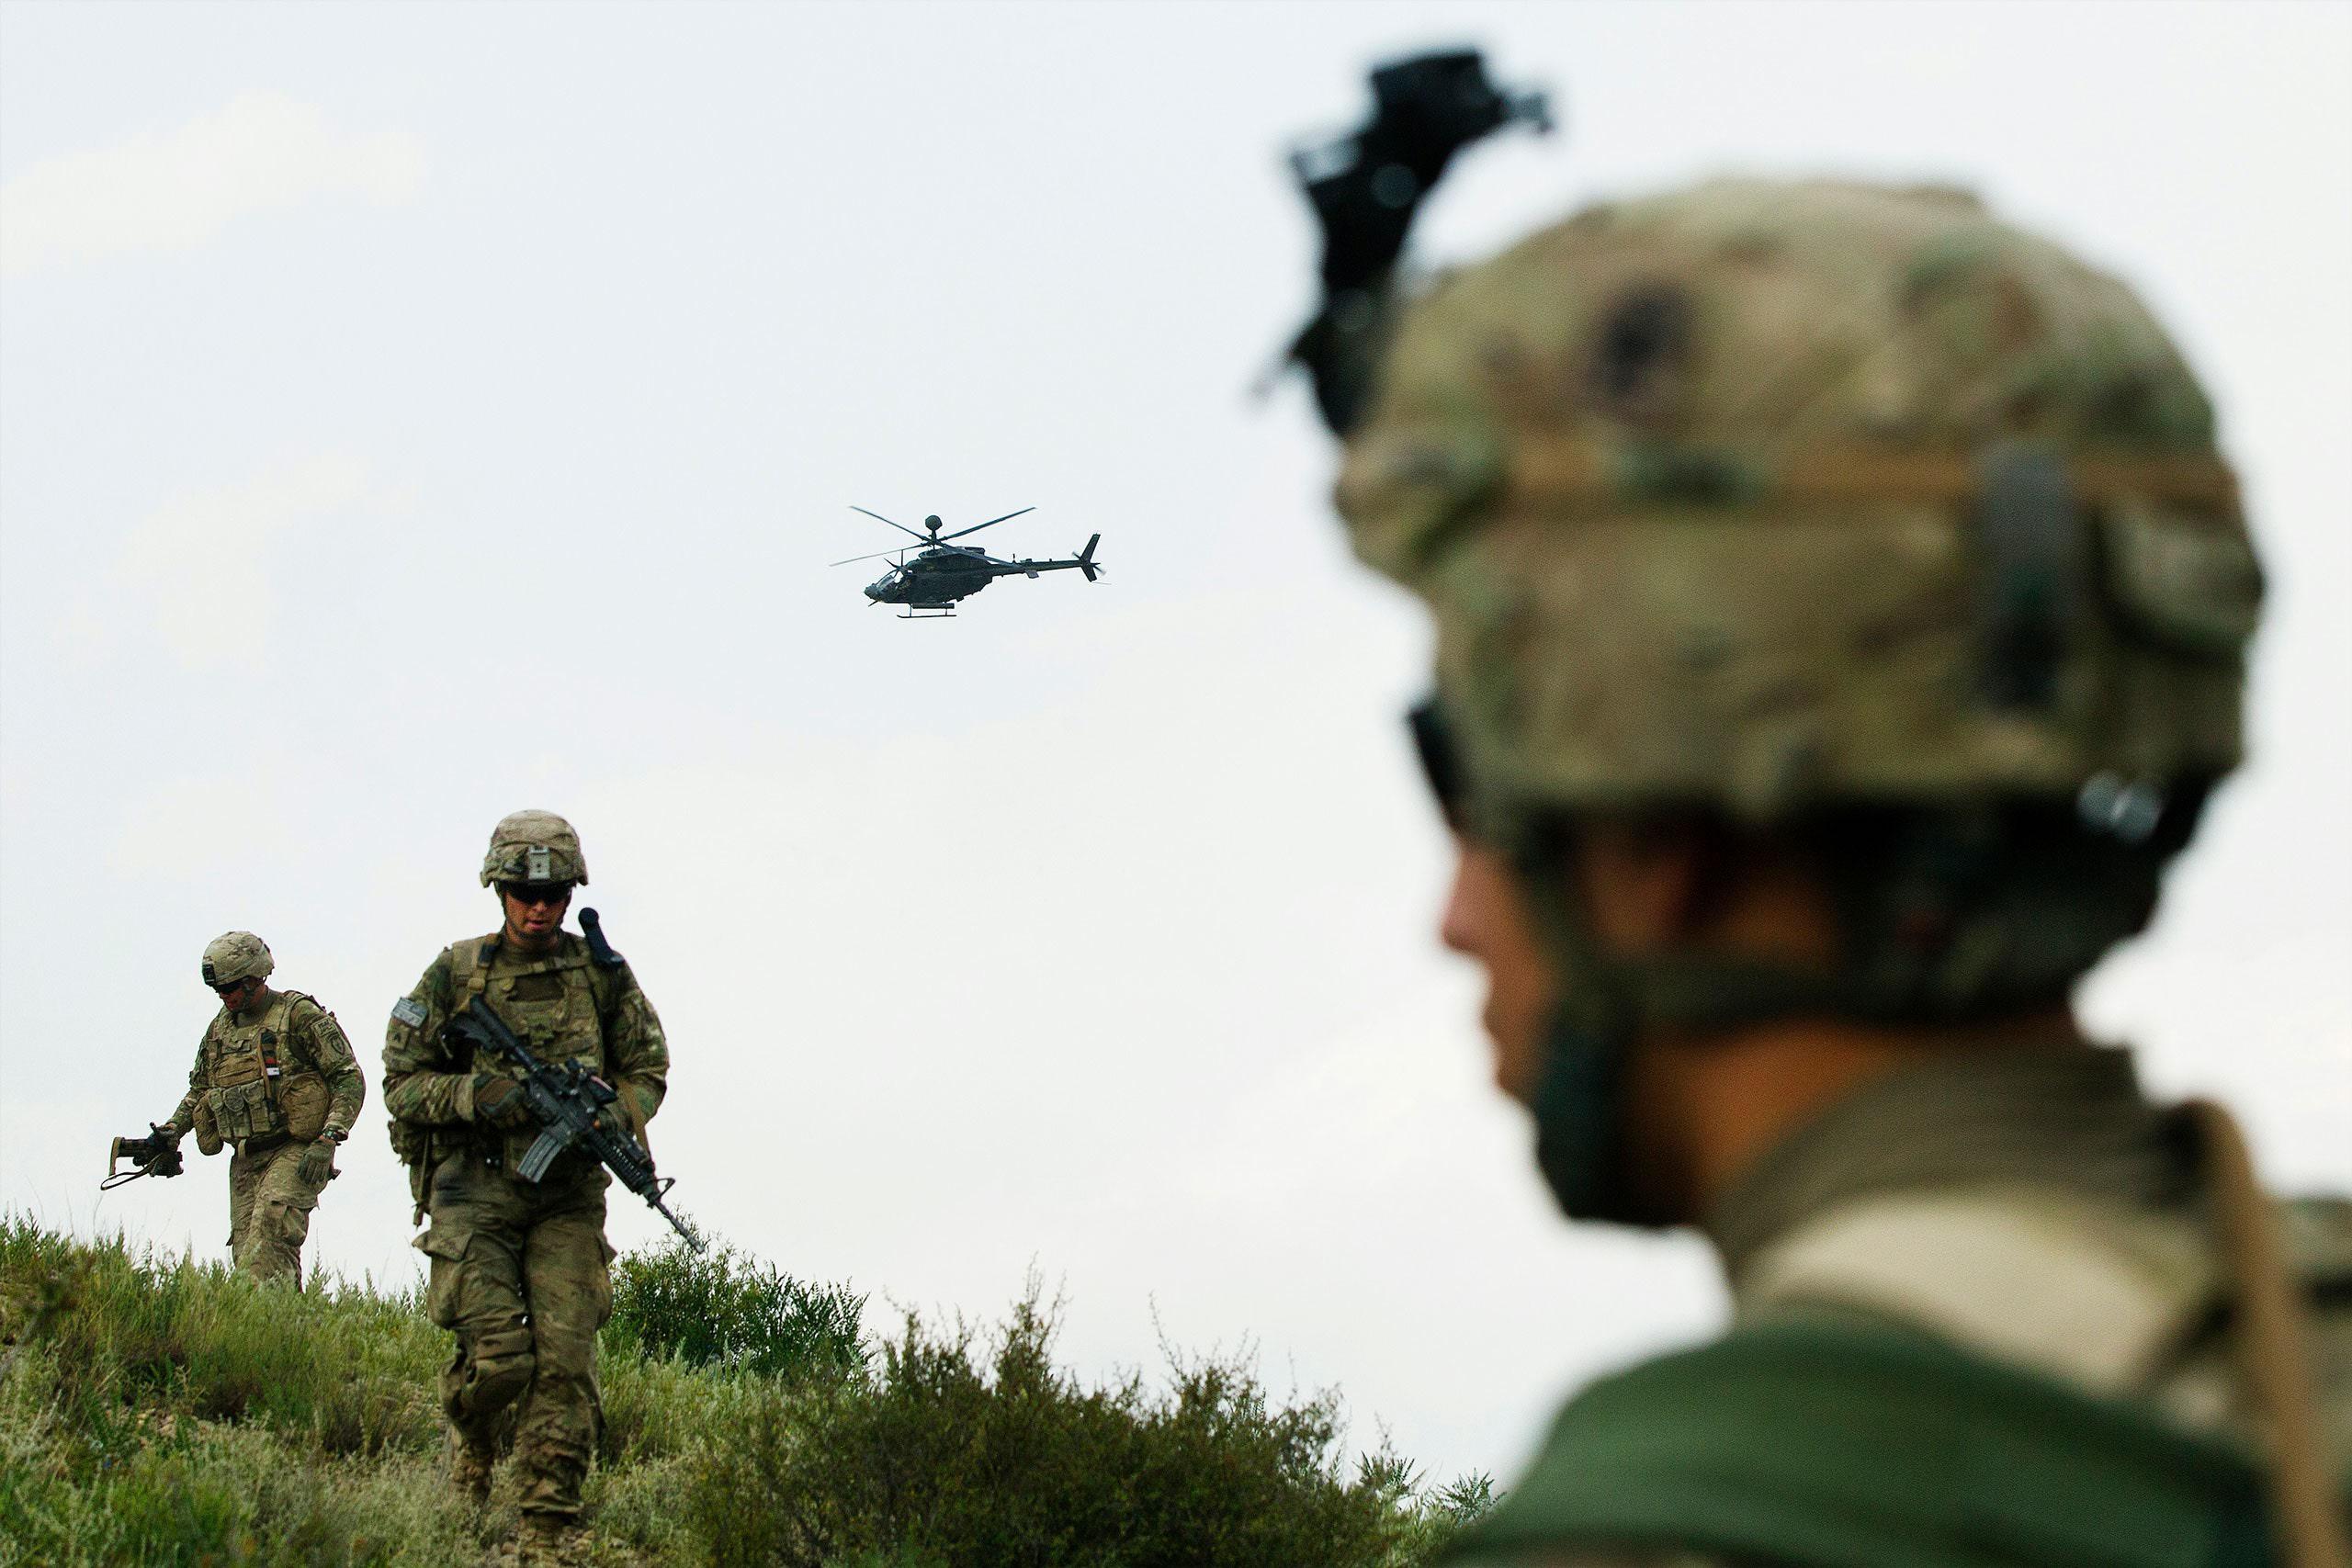 Para Biden, uma escolha angustiante na retirada do Afeganistão